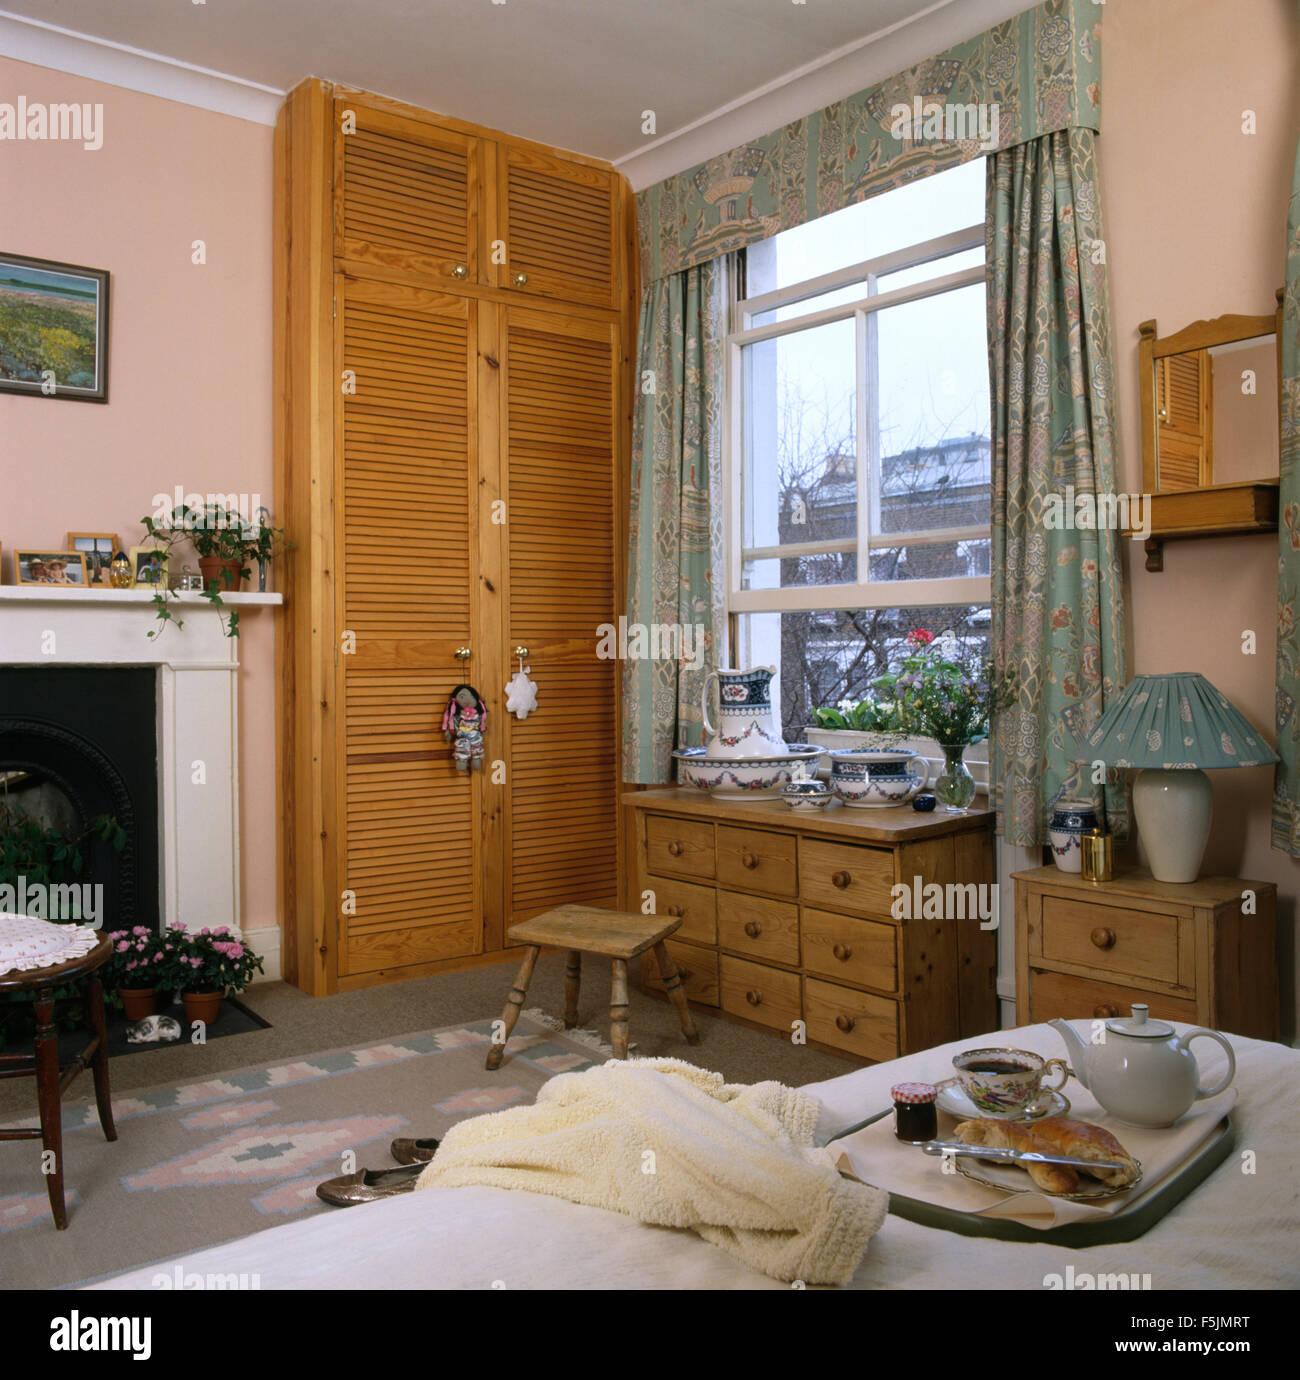 Las puertas del Louvre en armario junto a abrir en una ventana de guillotina 90 adosado dormitorio con una bandeja Foto de stock